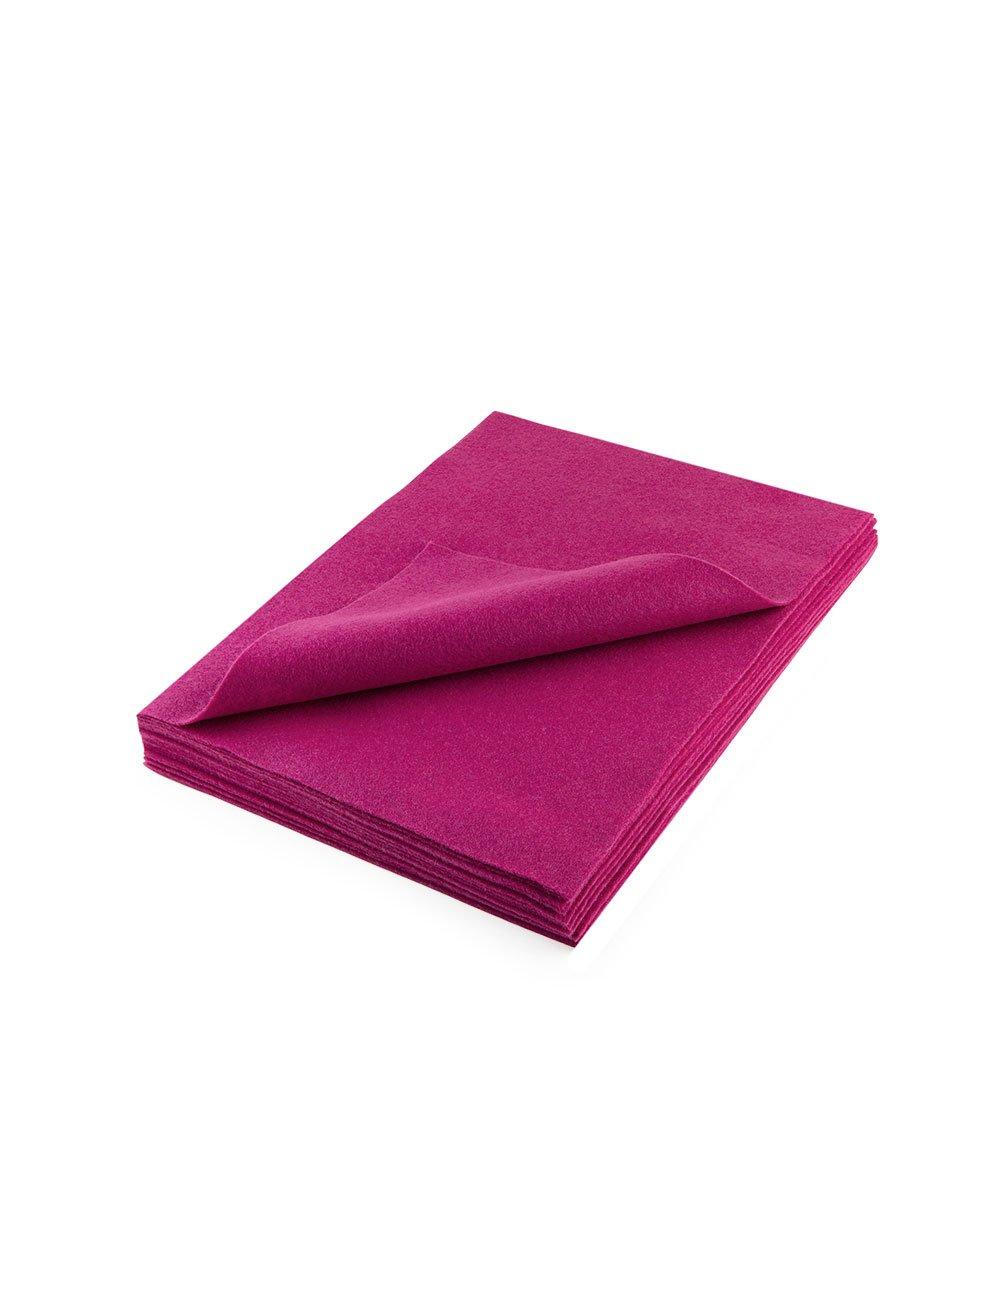 アクリル製フェルトシート 9 X 12インチ: 25個 ピンク B0057GHFYQ  ピンク